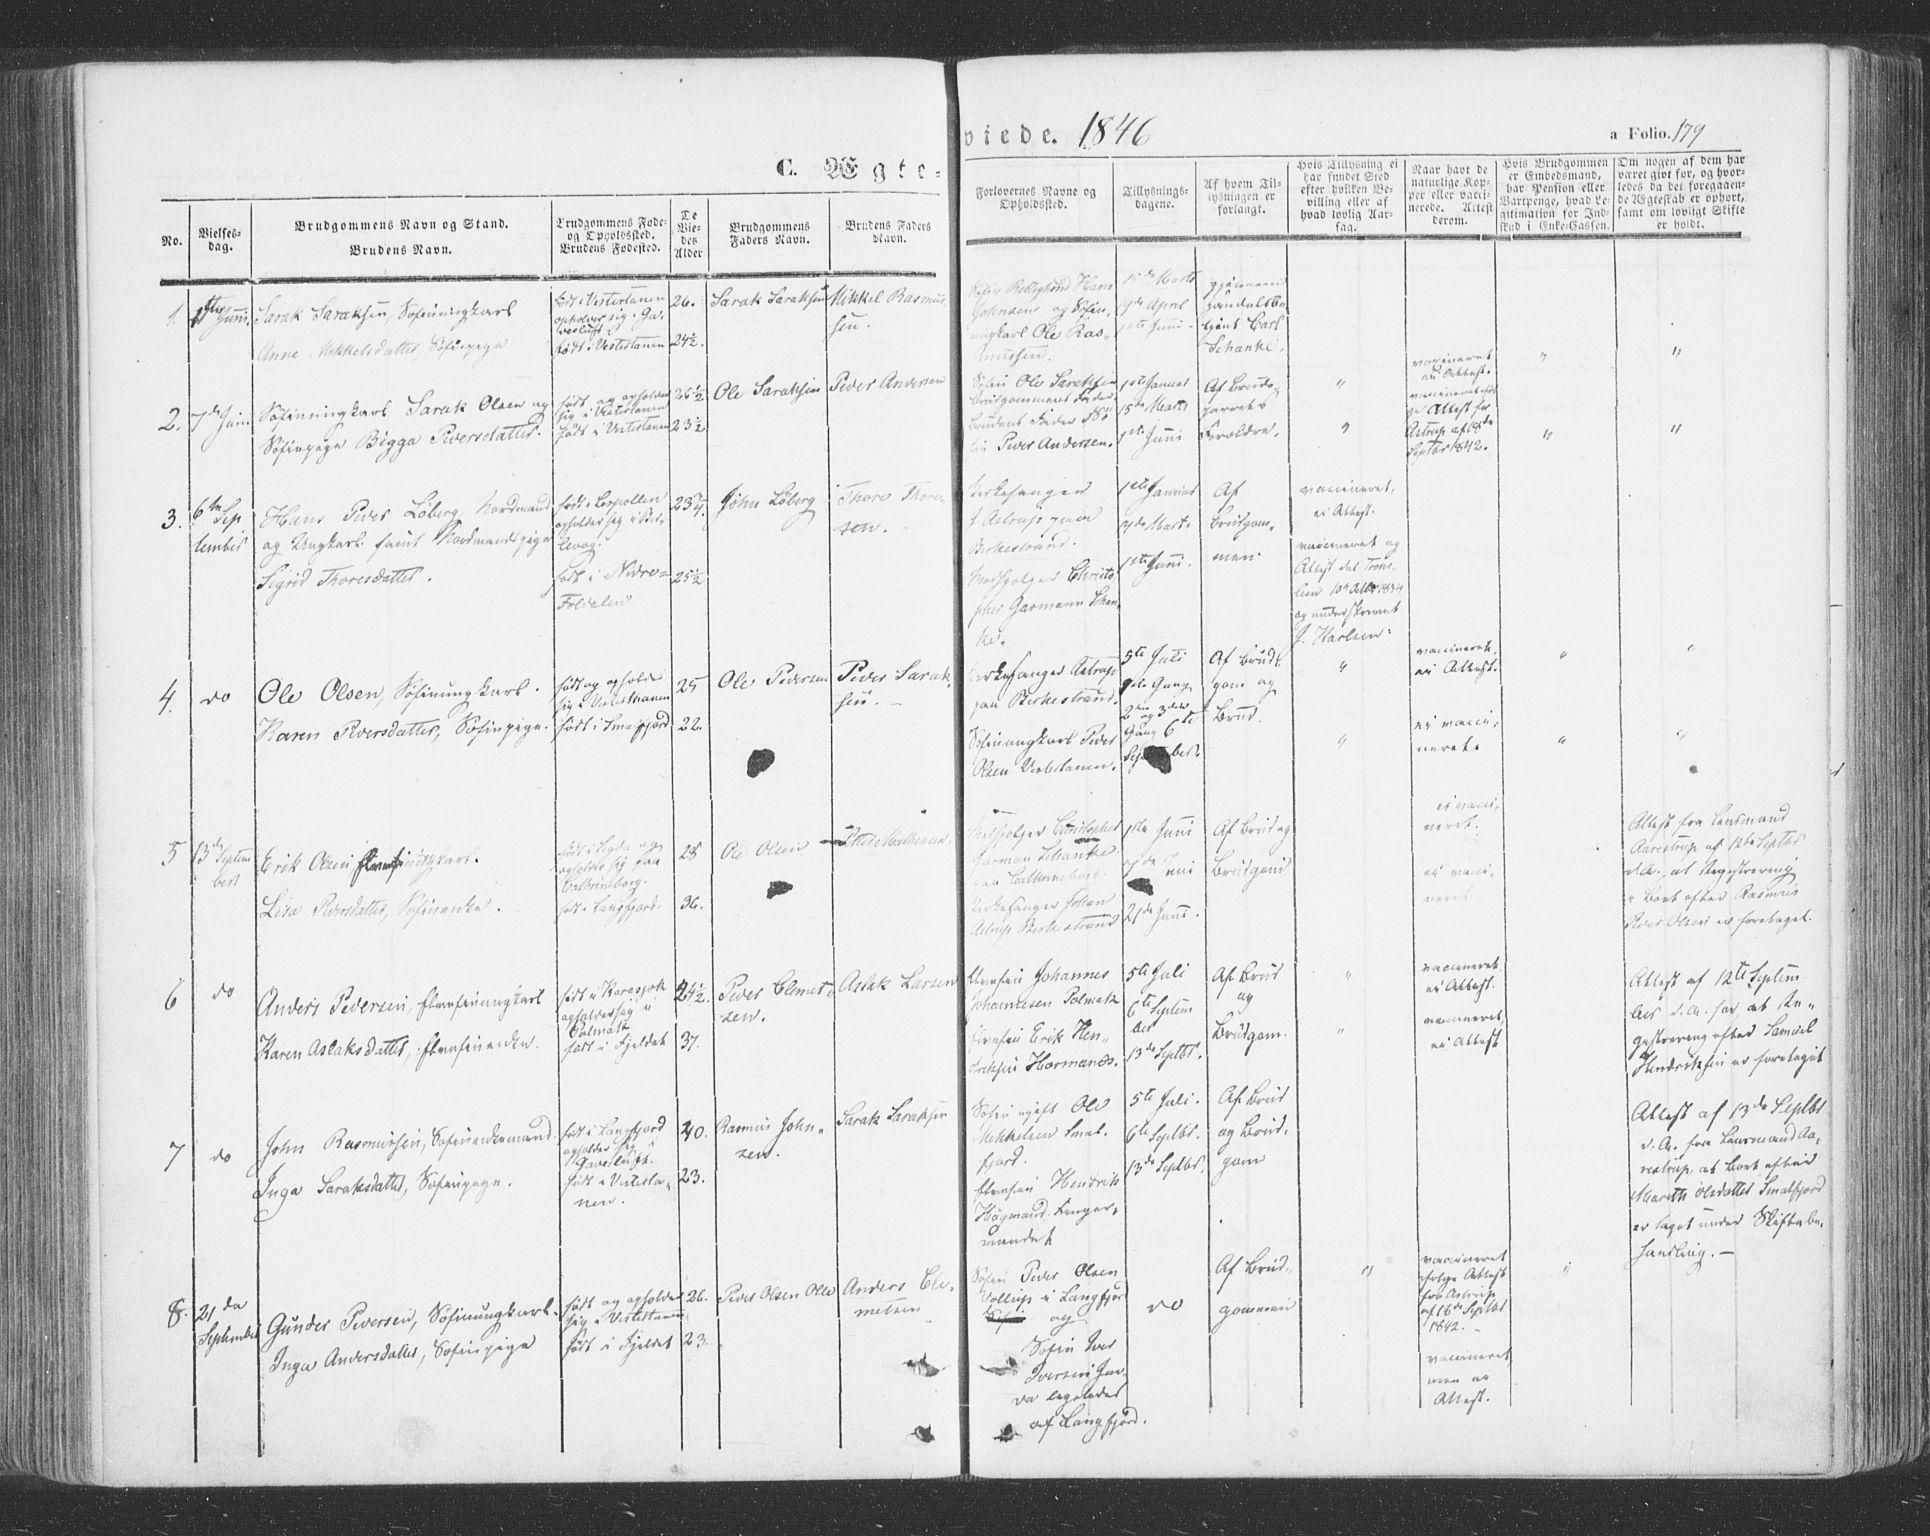 SATØ, Tana sokneprestkontor, H/Ha/L0001kirke: Ministerialbok nr. 1, 1846-1861, s. 179